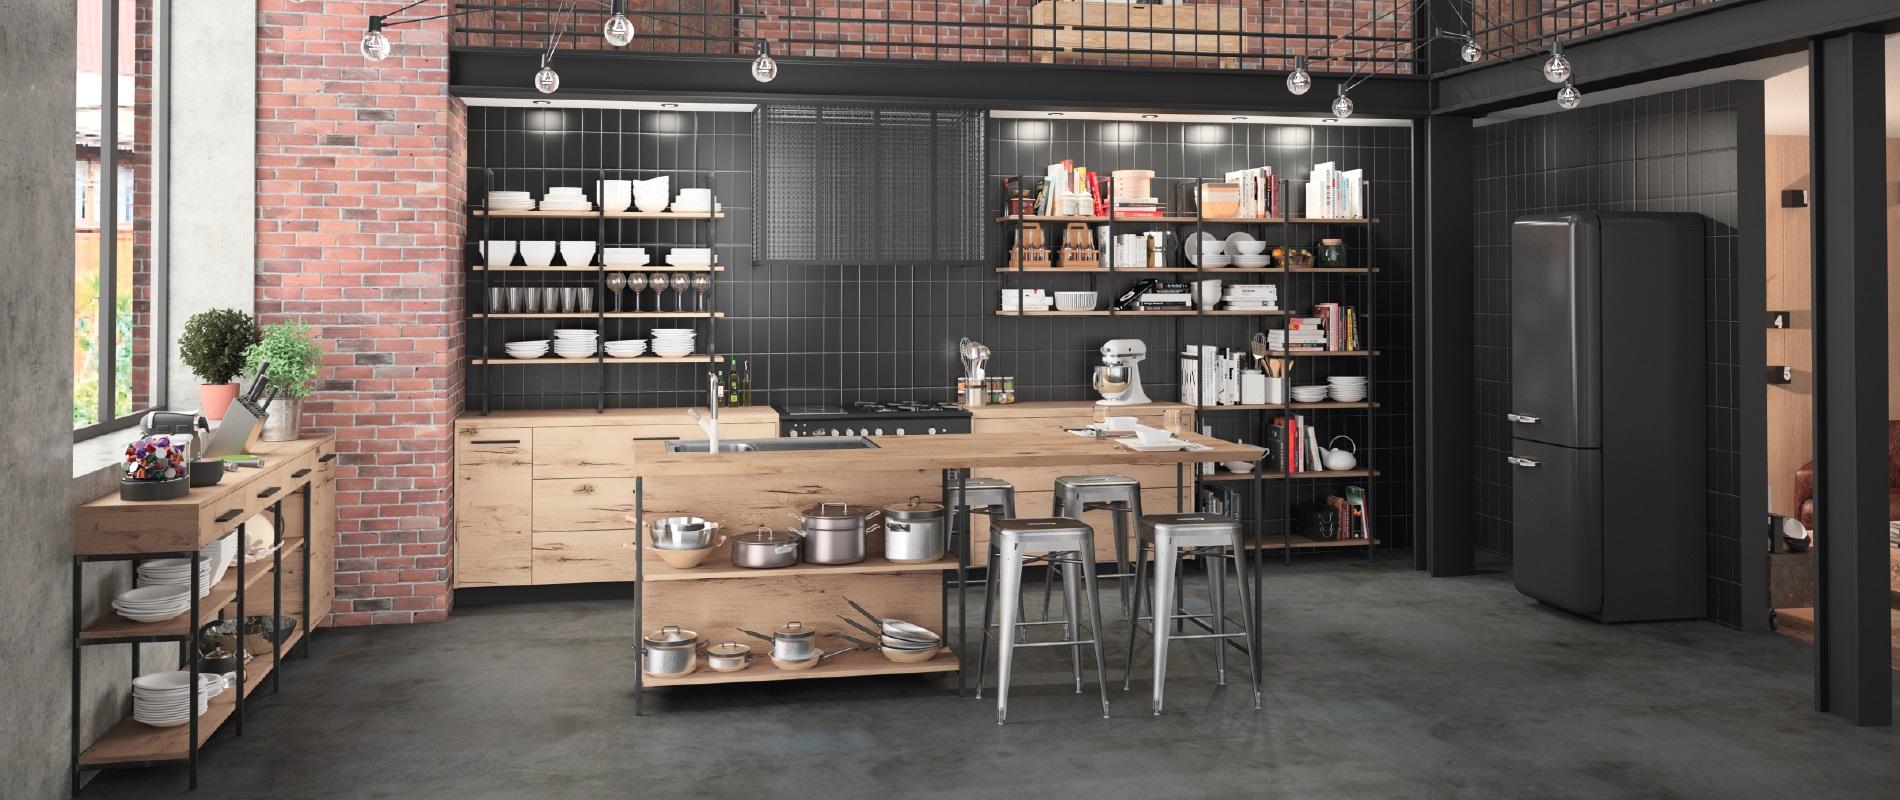 cuisine-style-industriel-metal-bois-brique-raison-home